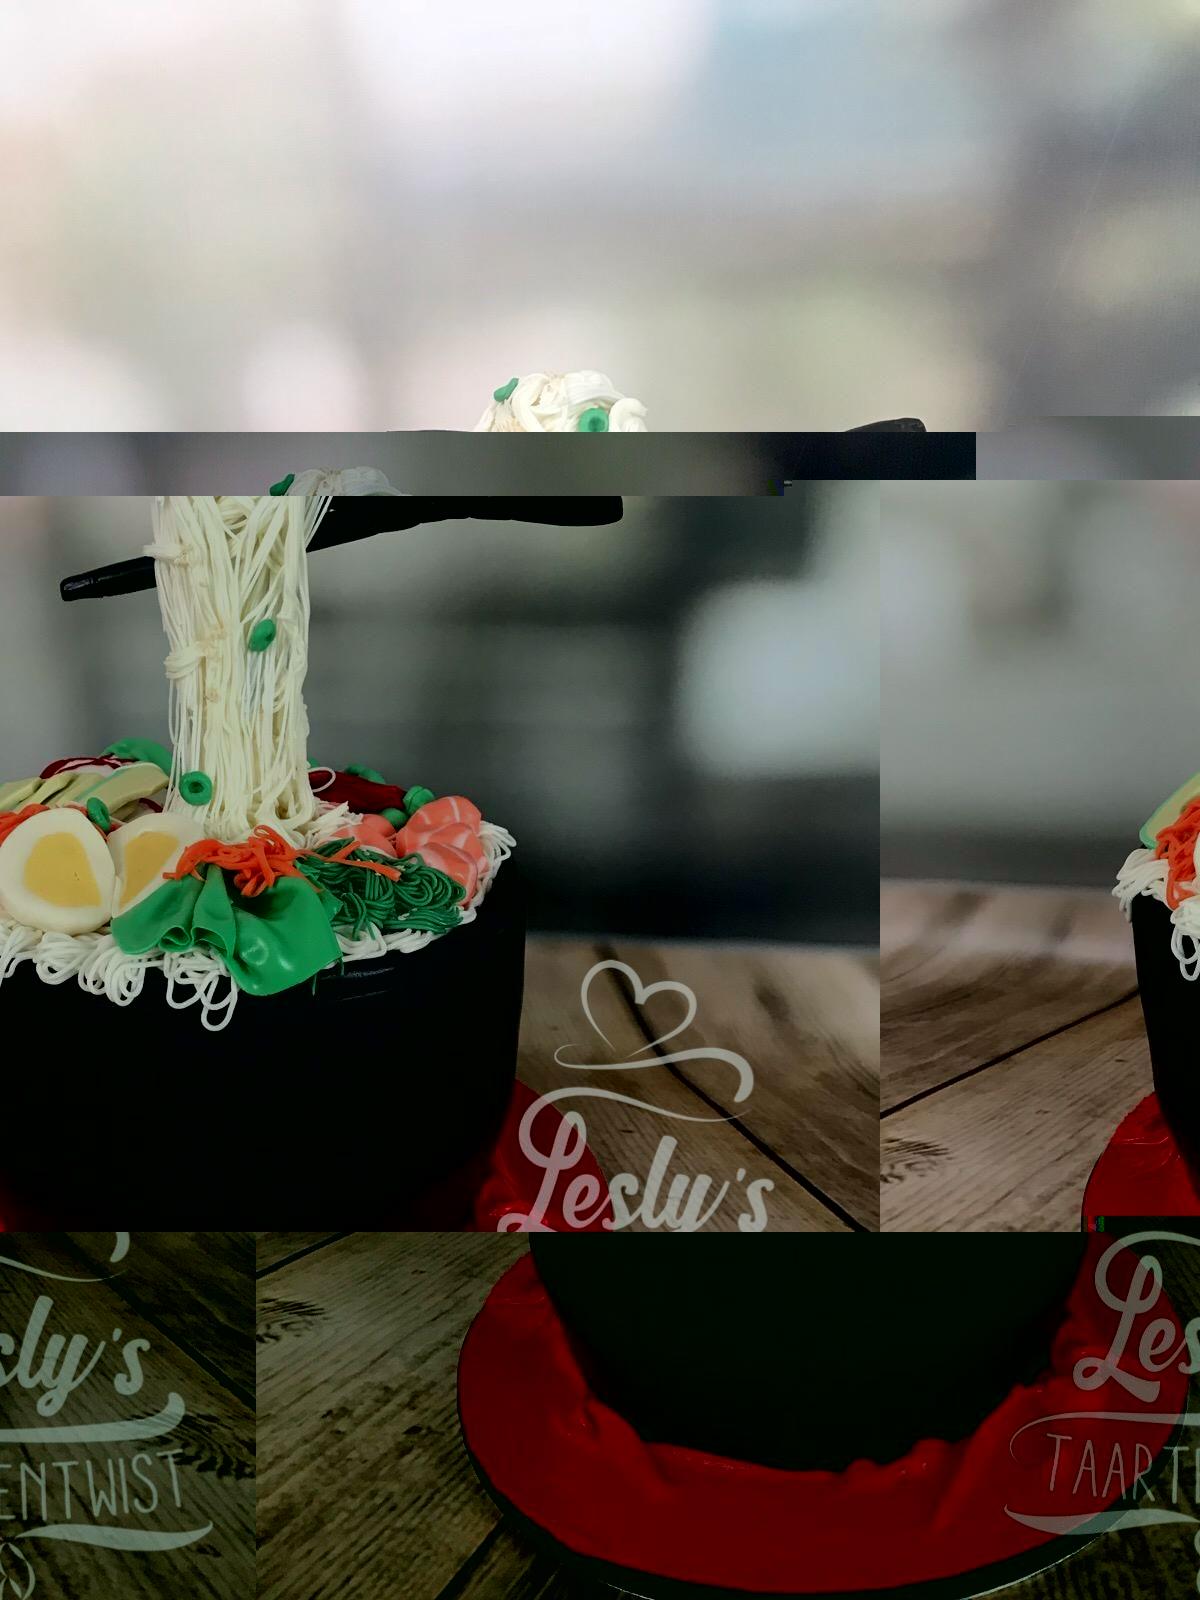 pokebowl cake